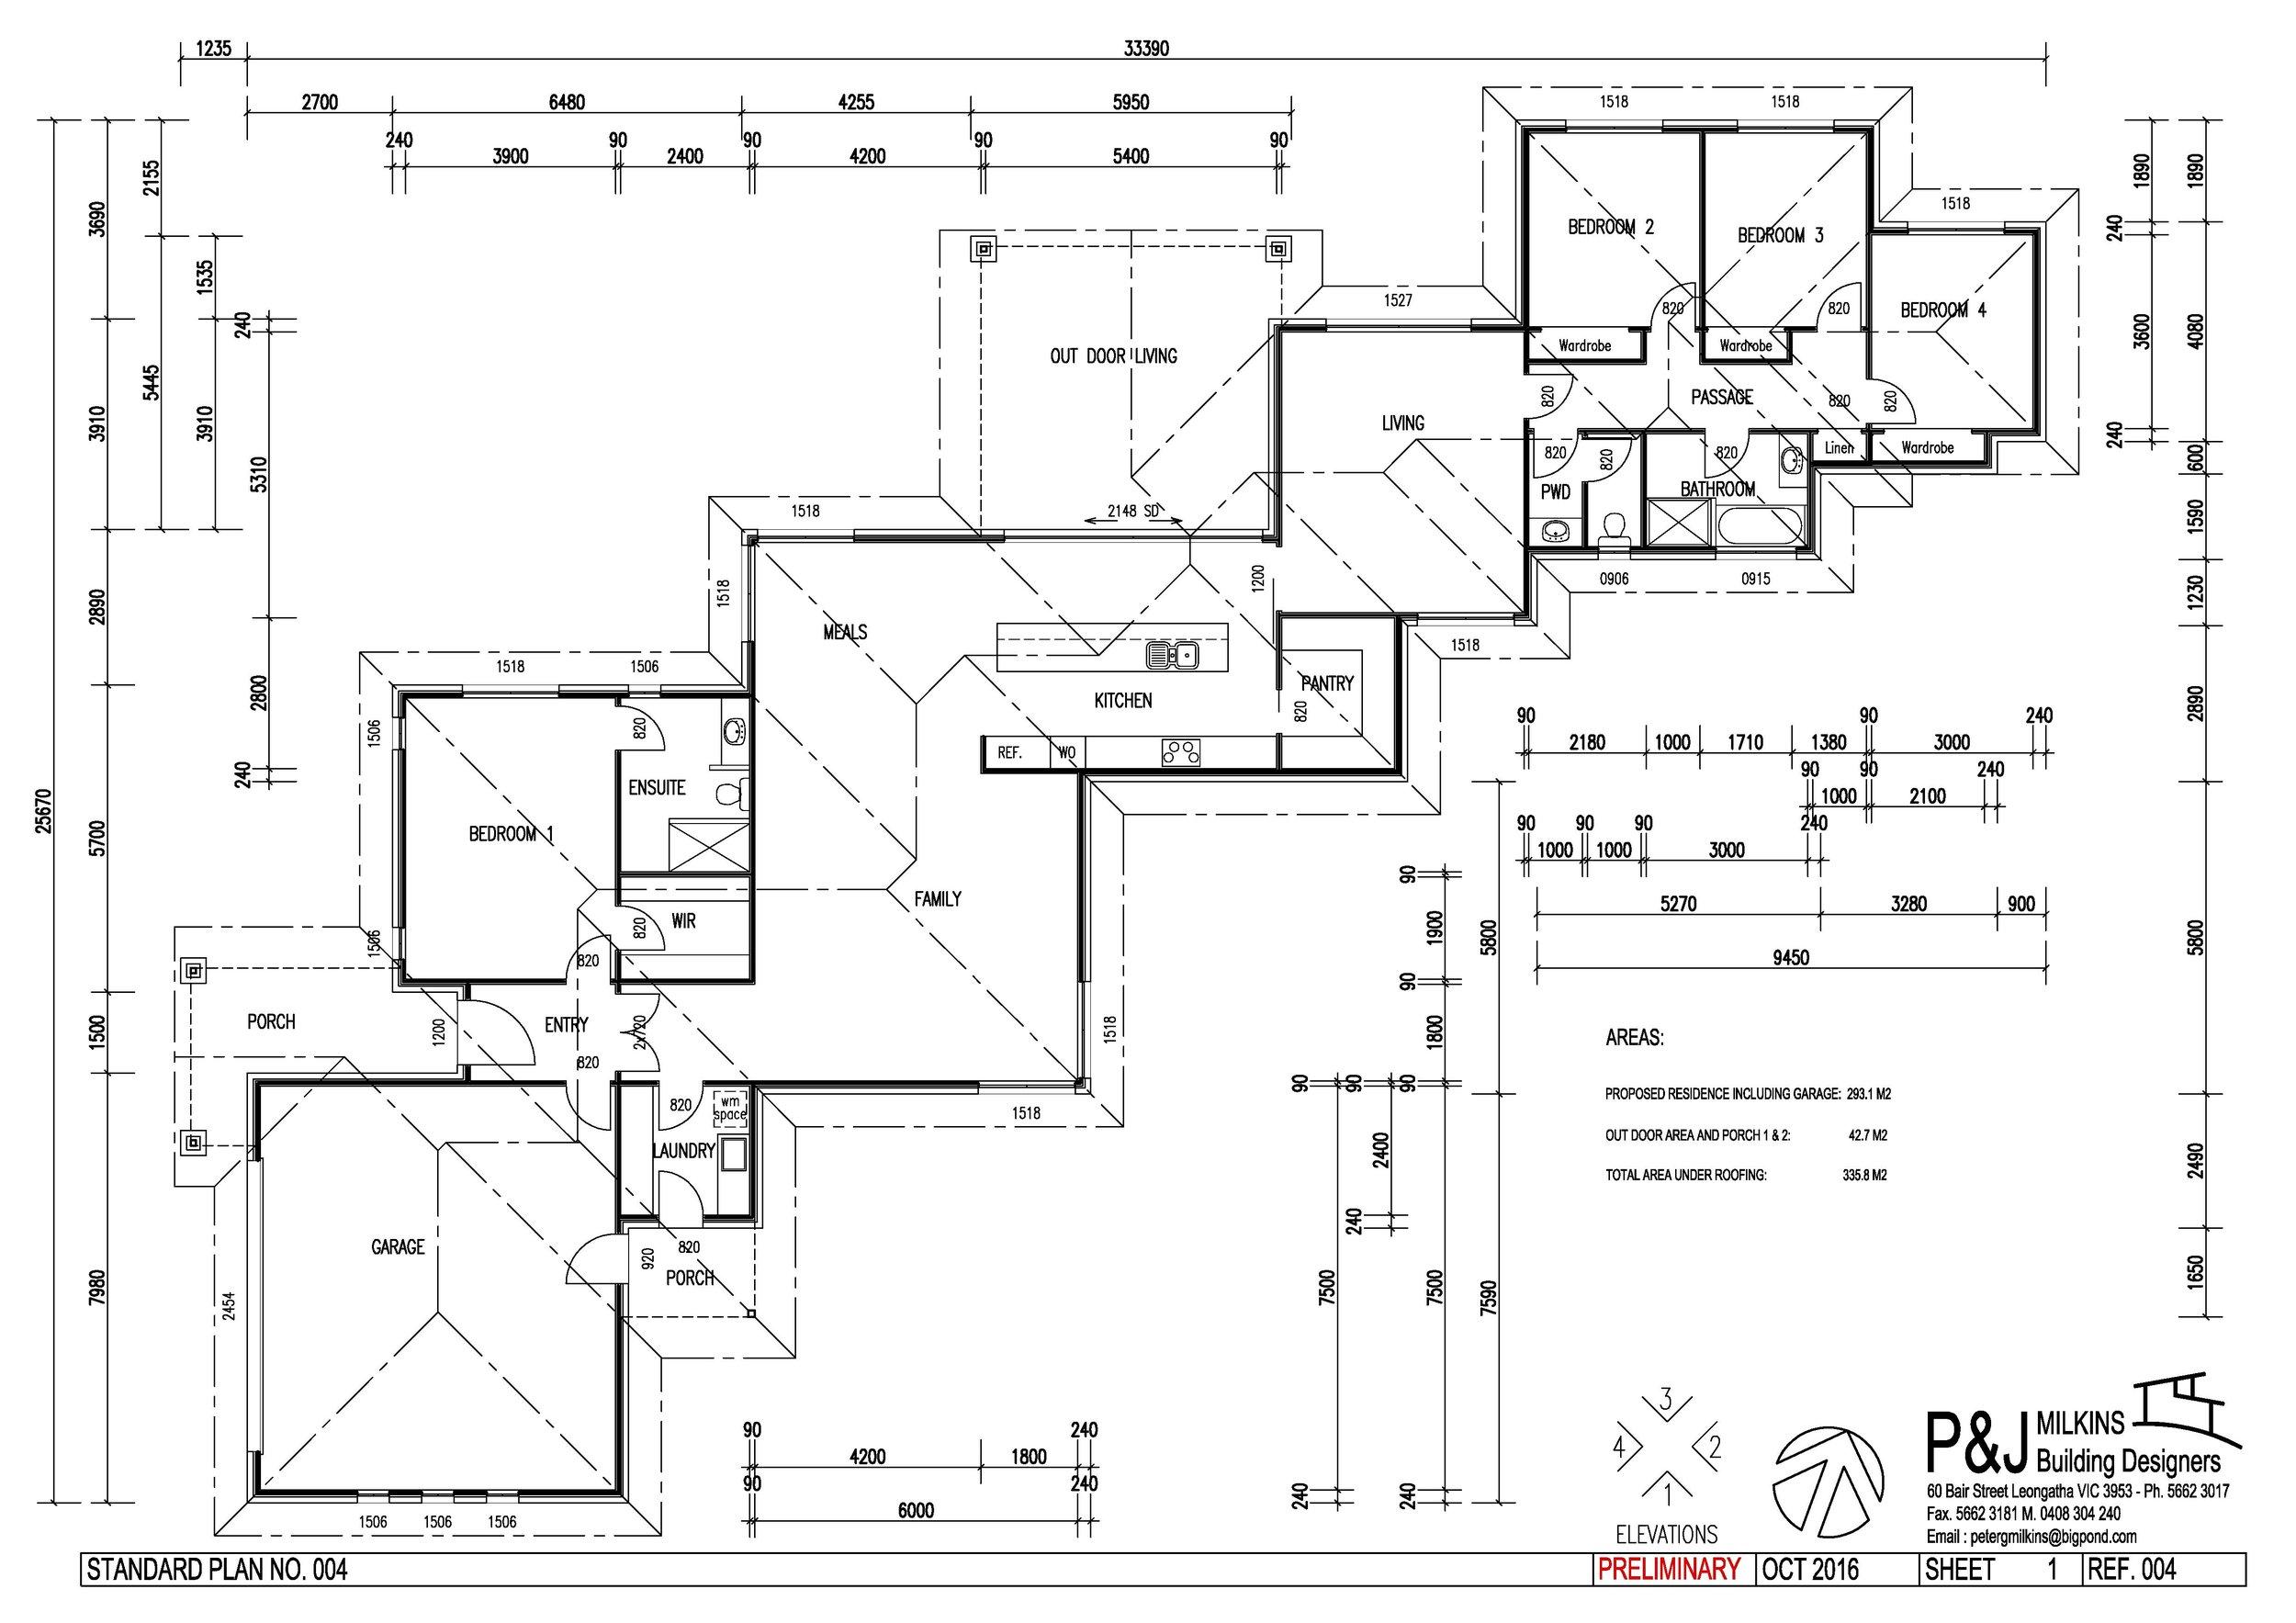 Standard Plan 4-A